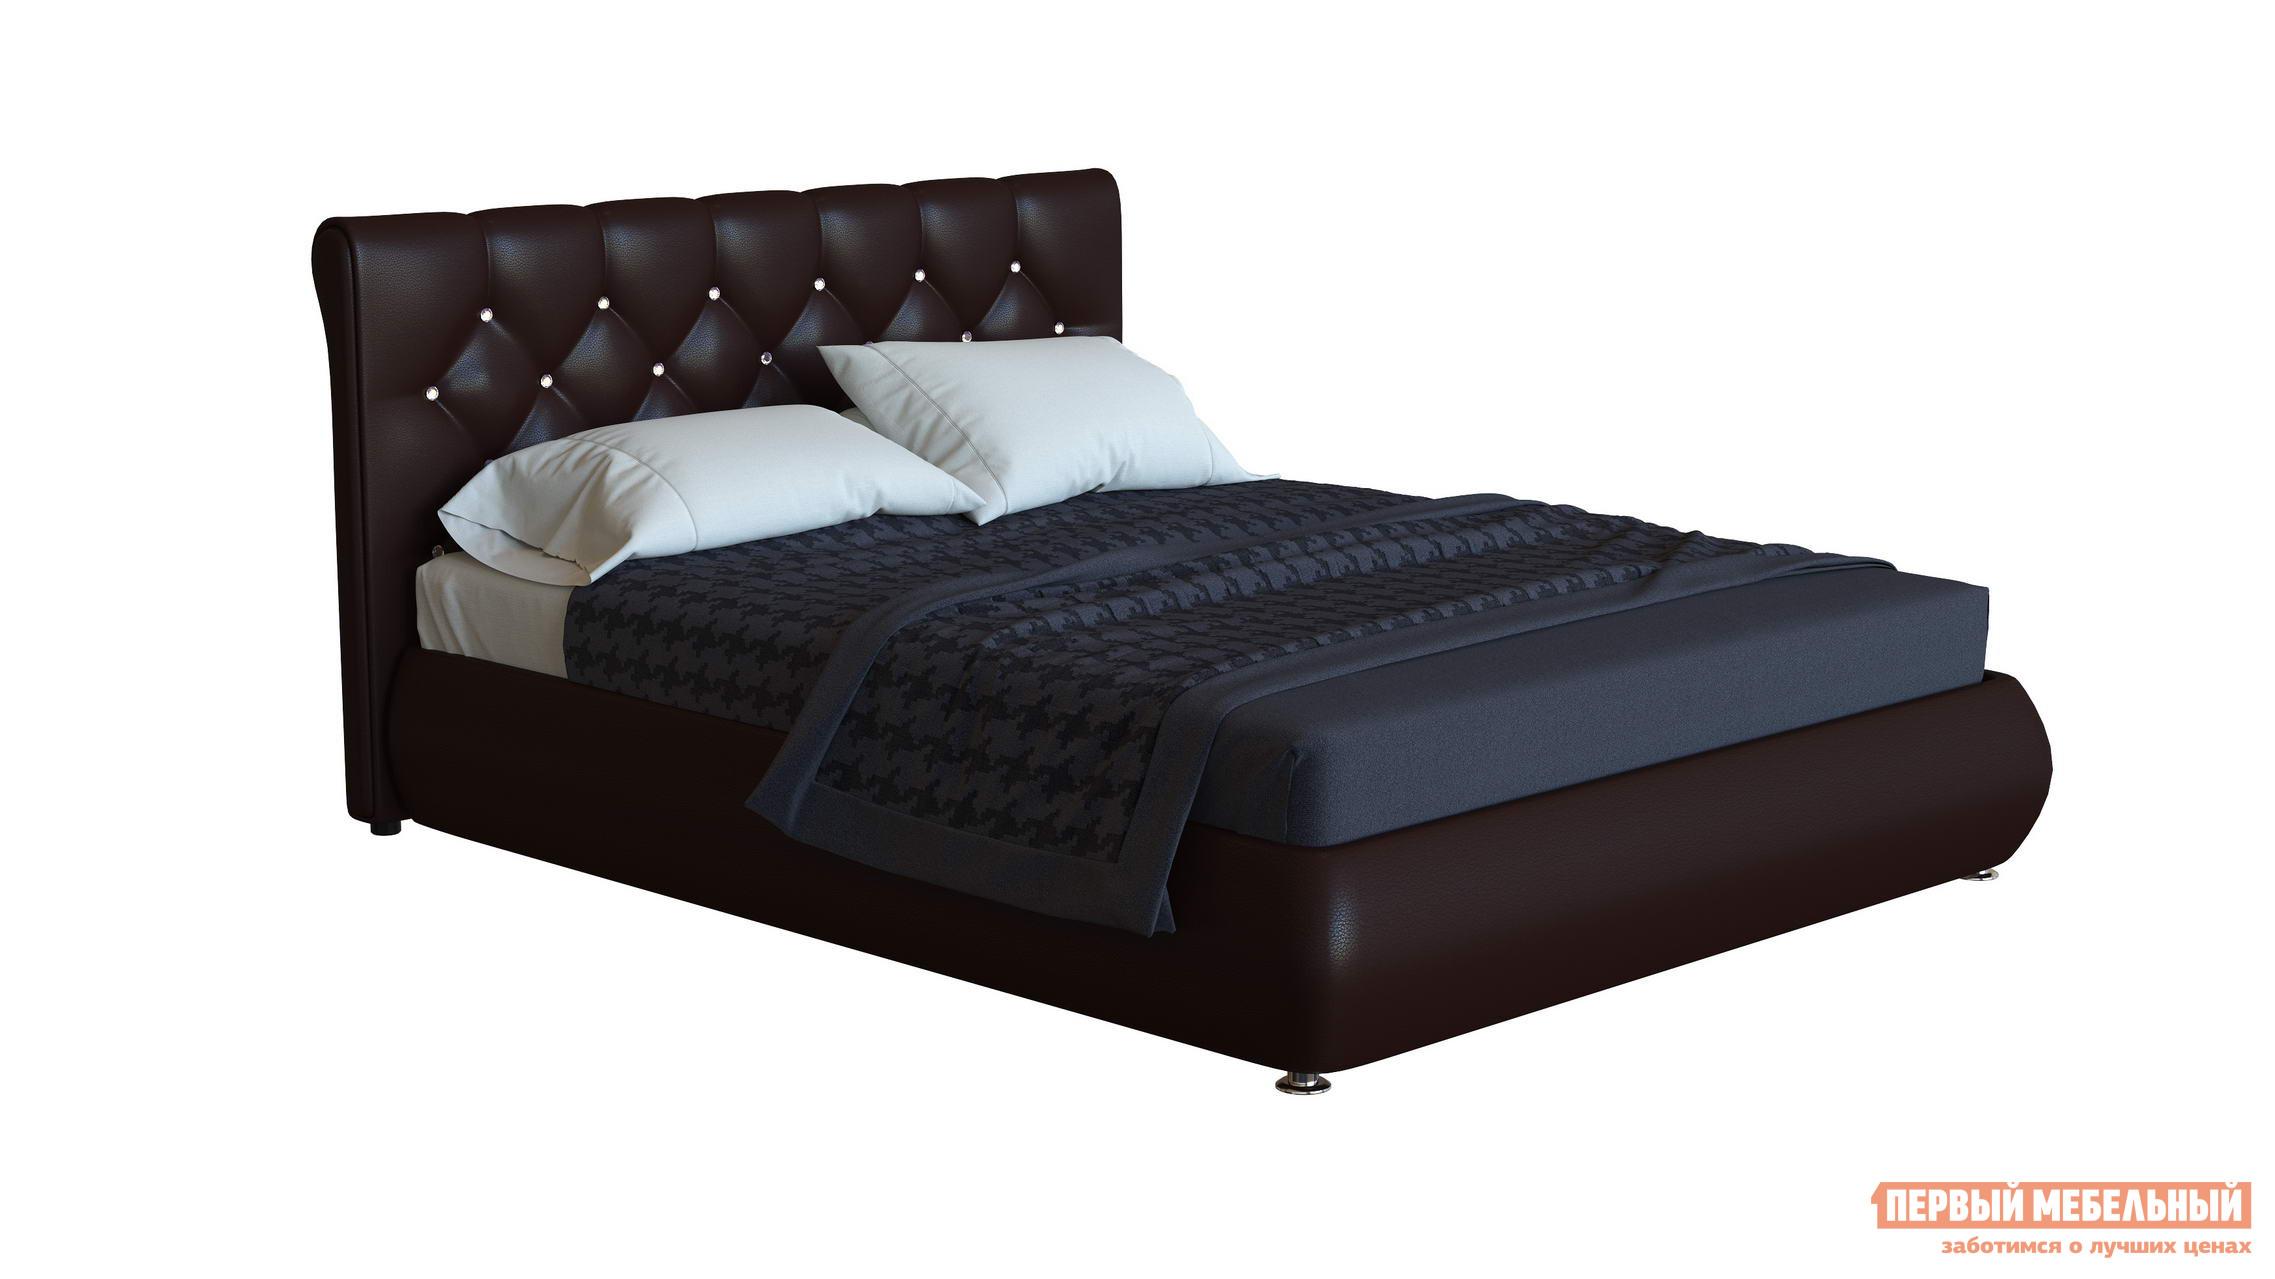 Двуспальная кровать со стразами Первый Мебельный Кровать Джейн декор стразы 140х200, 160х200, 180х200 кровать амели 180х200